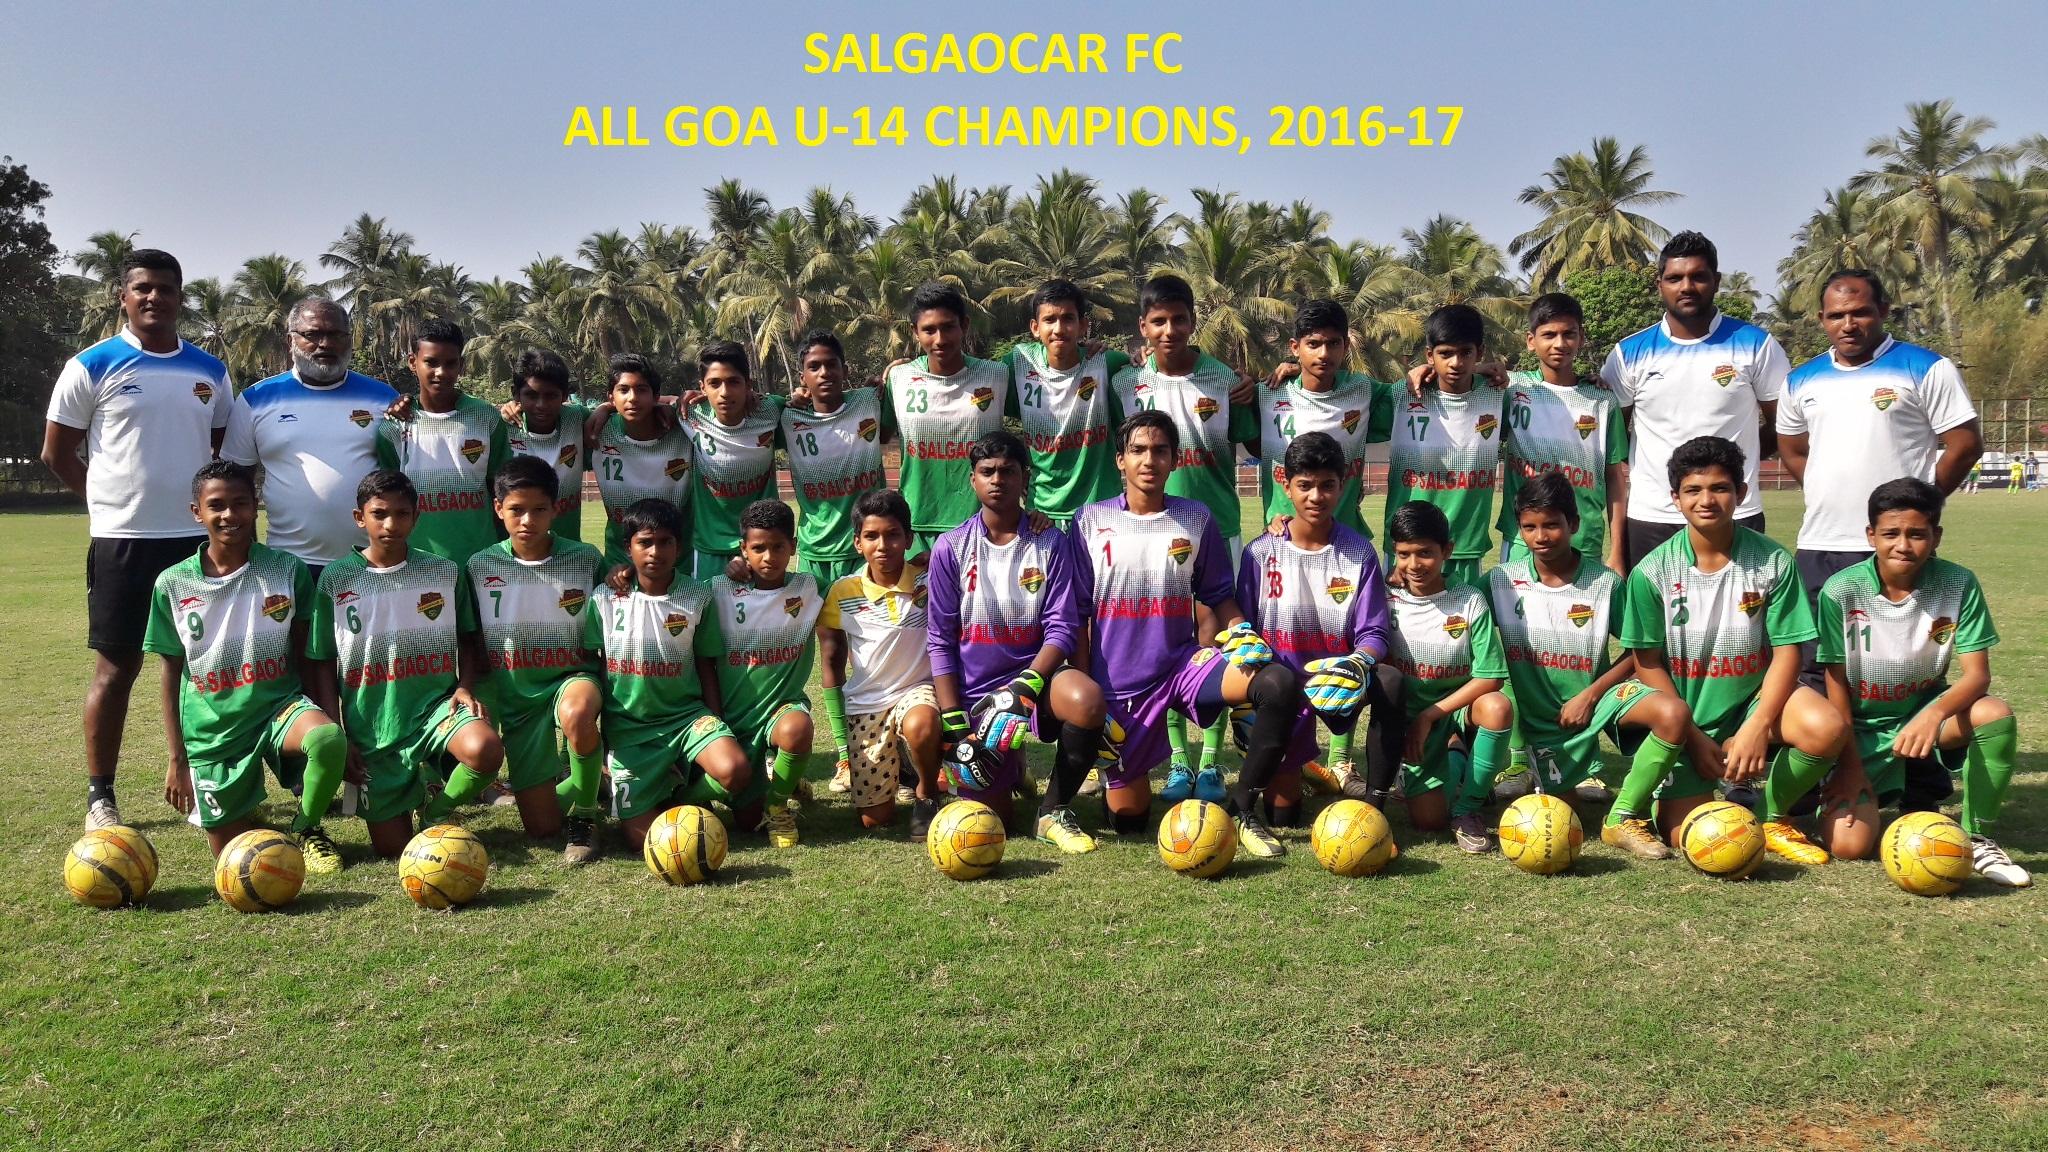 All Goa U-14 Champions